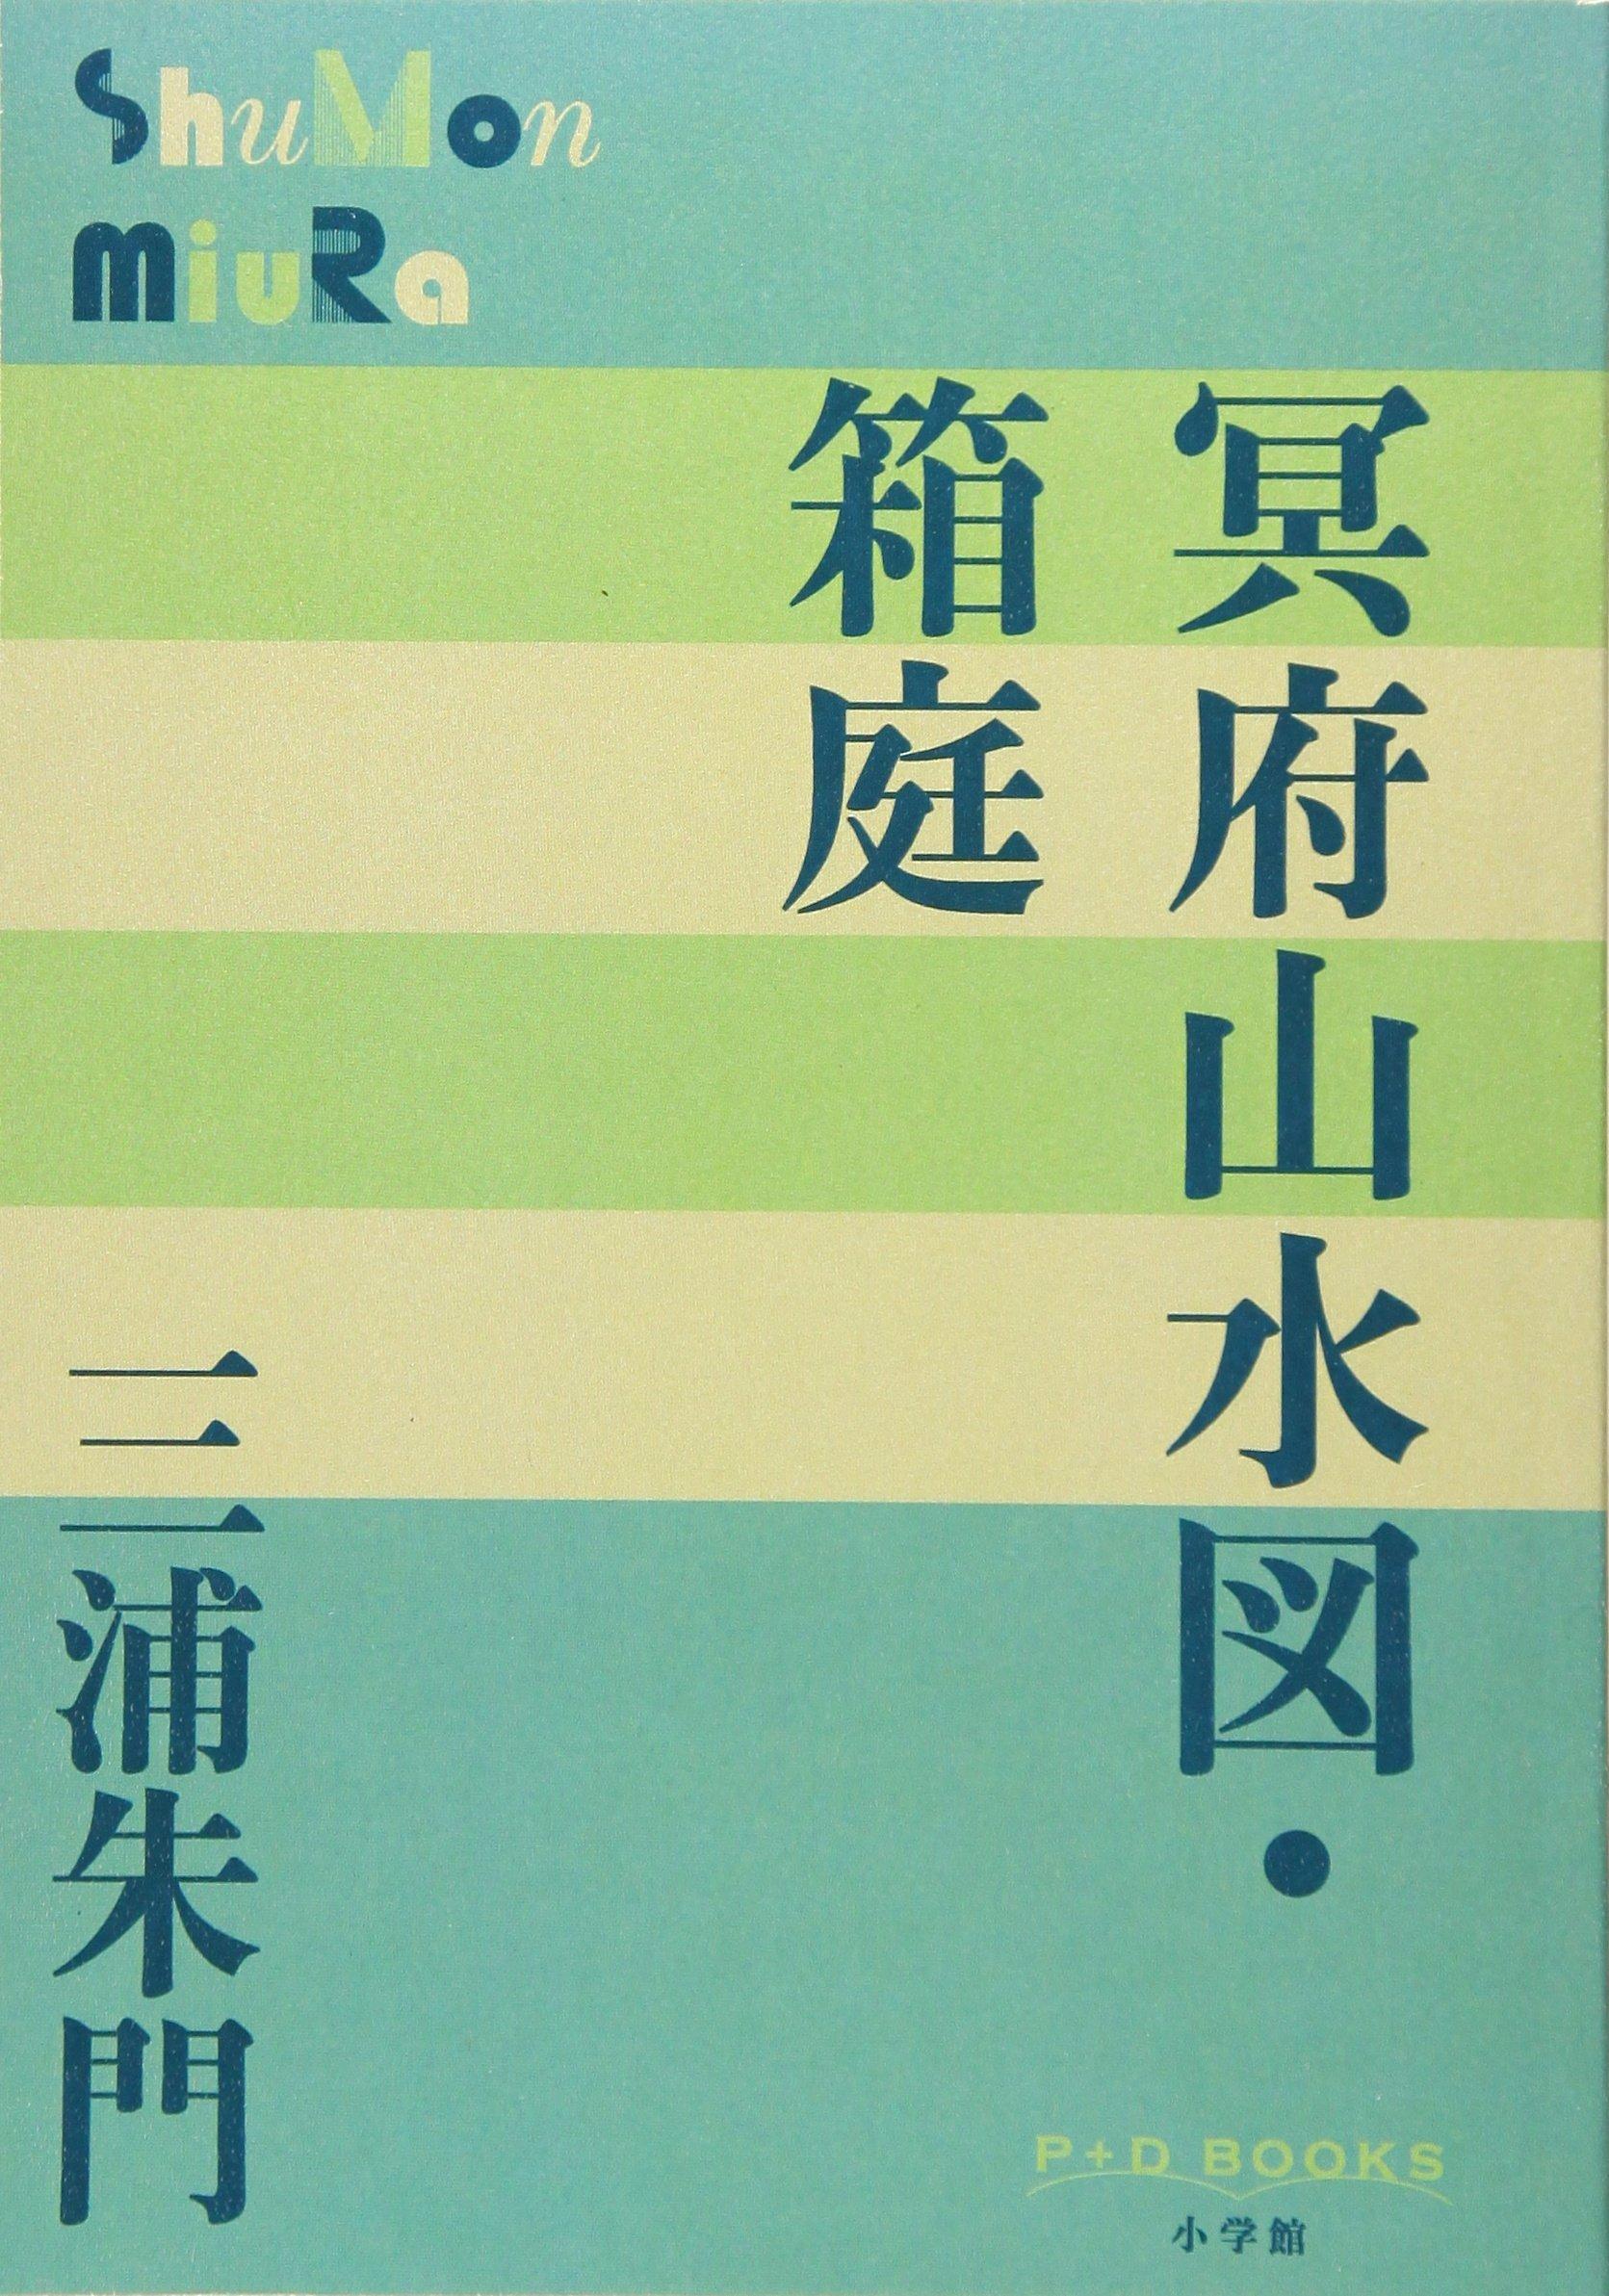 冥府山水図・箱庭 (P+D BOOKS) | 三浦 朱門 |本 | 通販 | Amazon